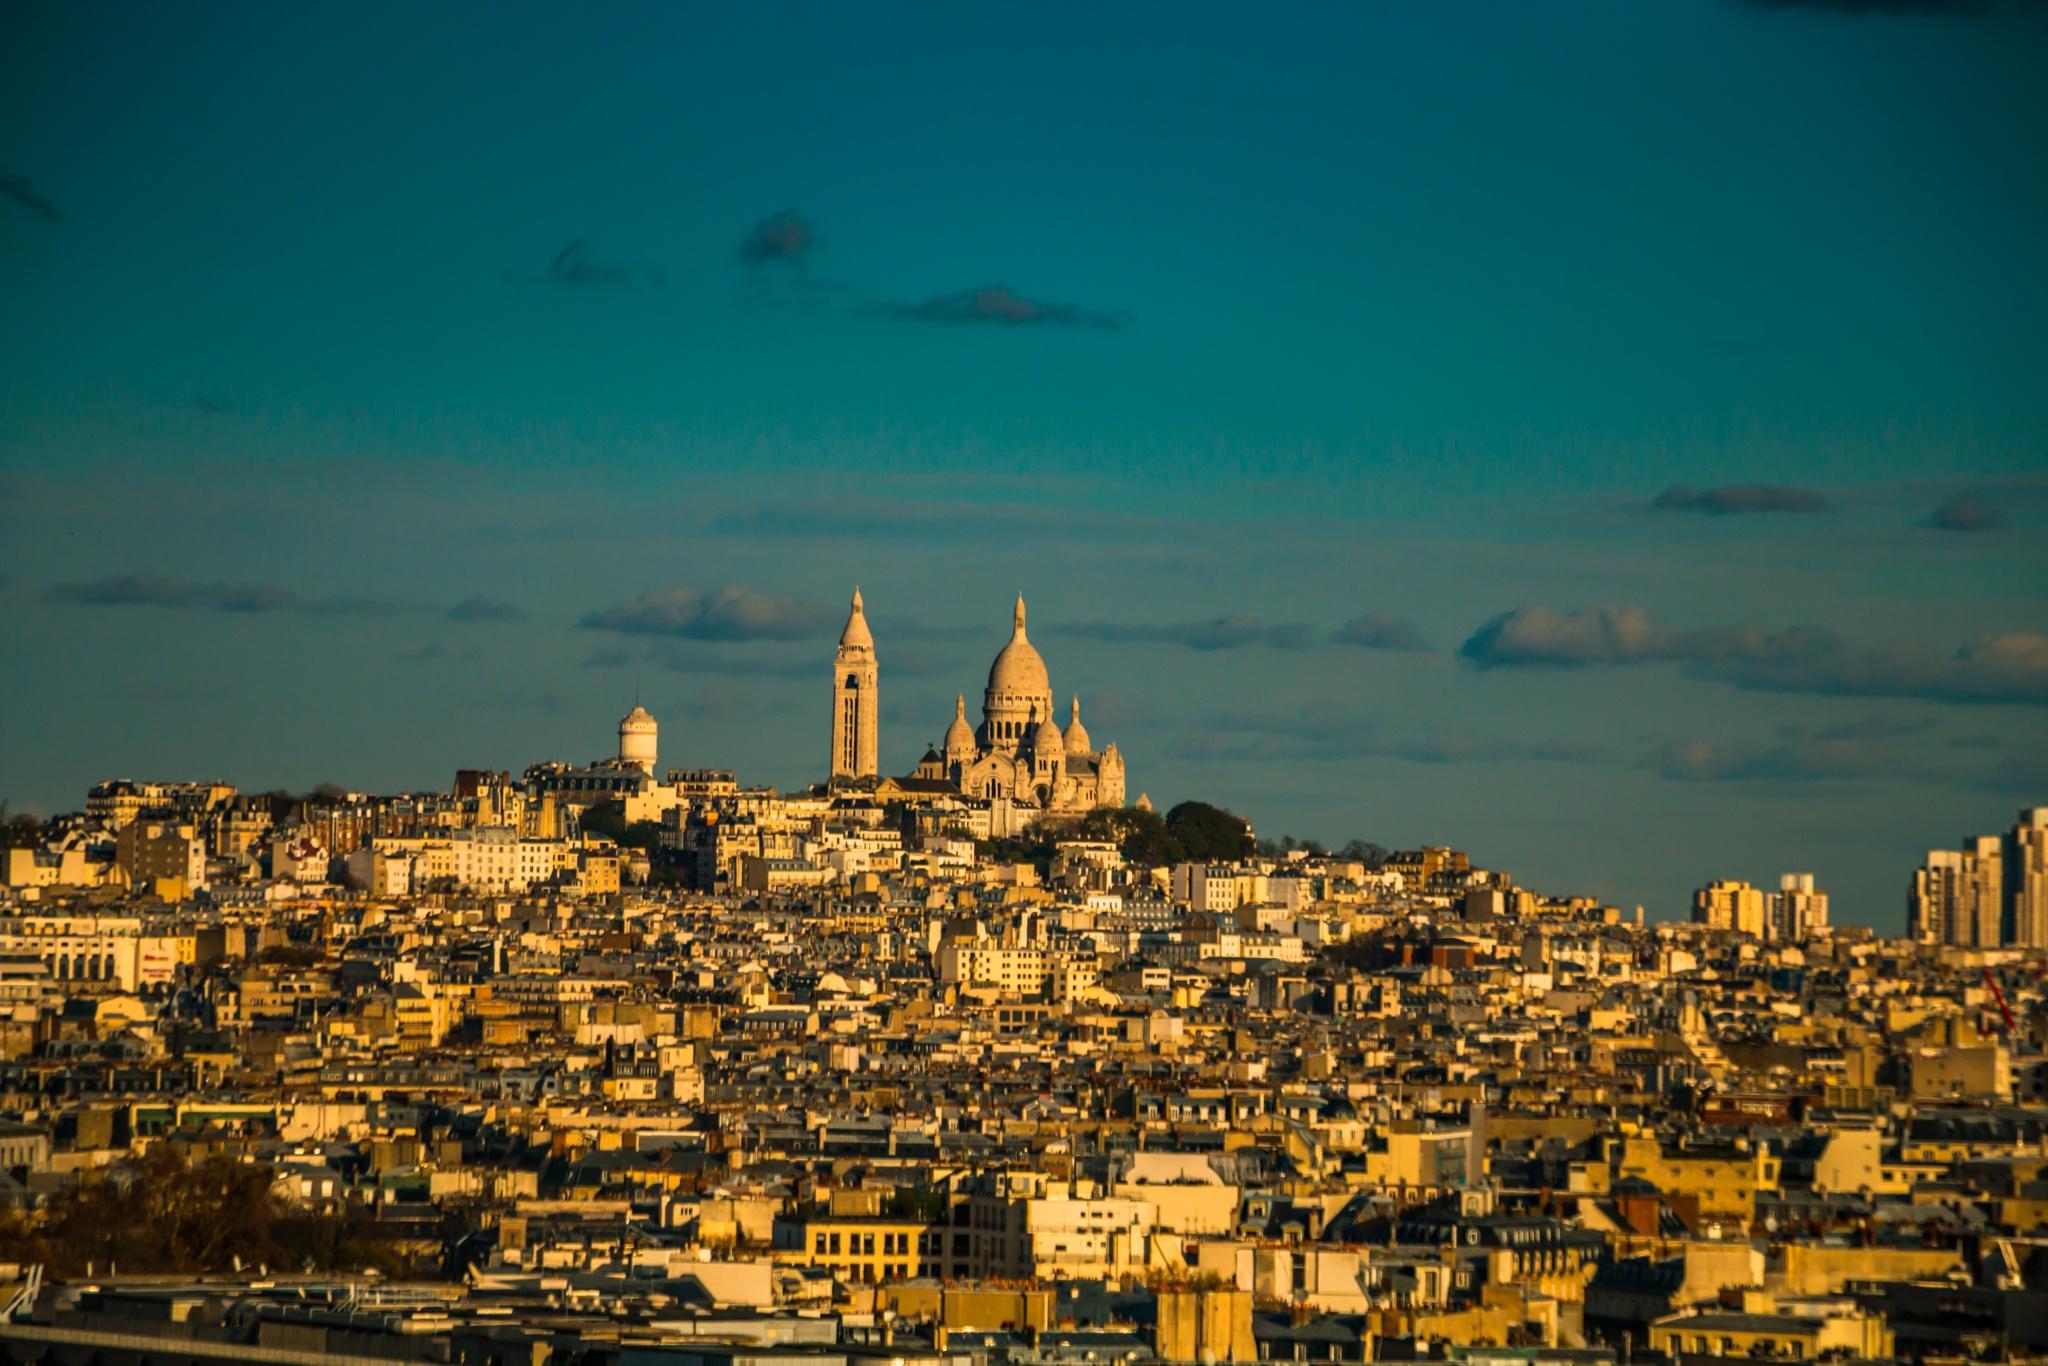 Le sacré coeur, Montmartre by djaffar adane